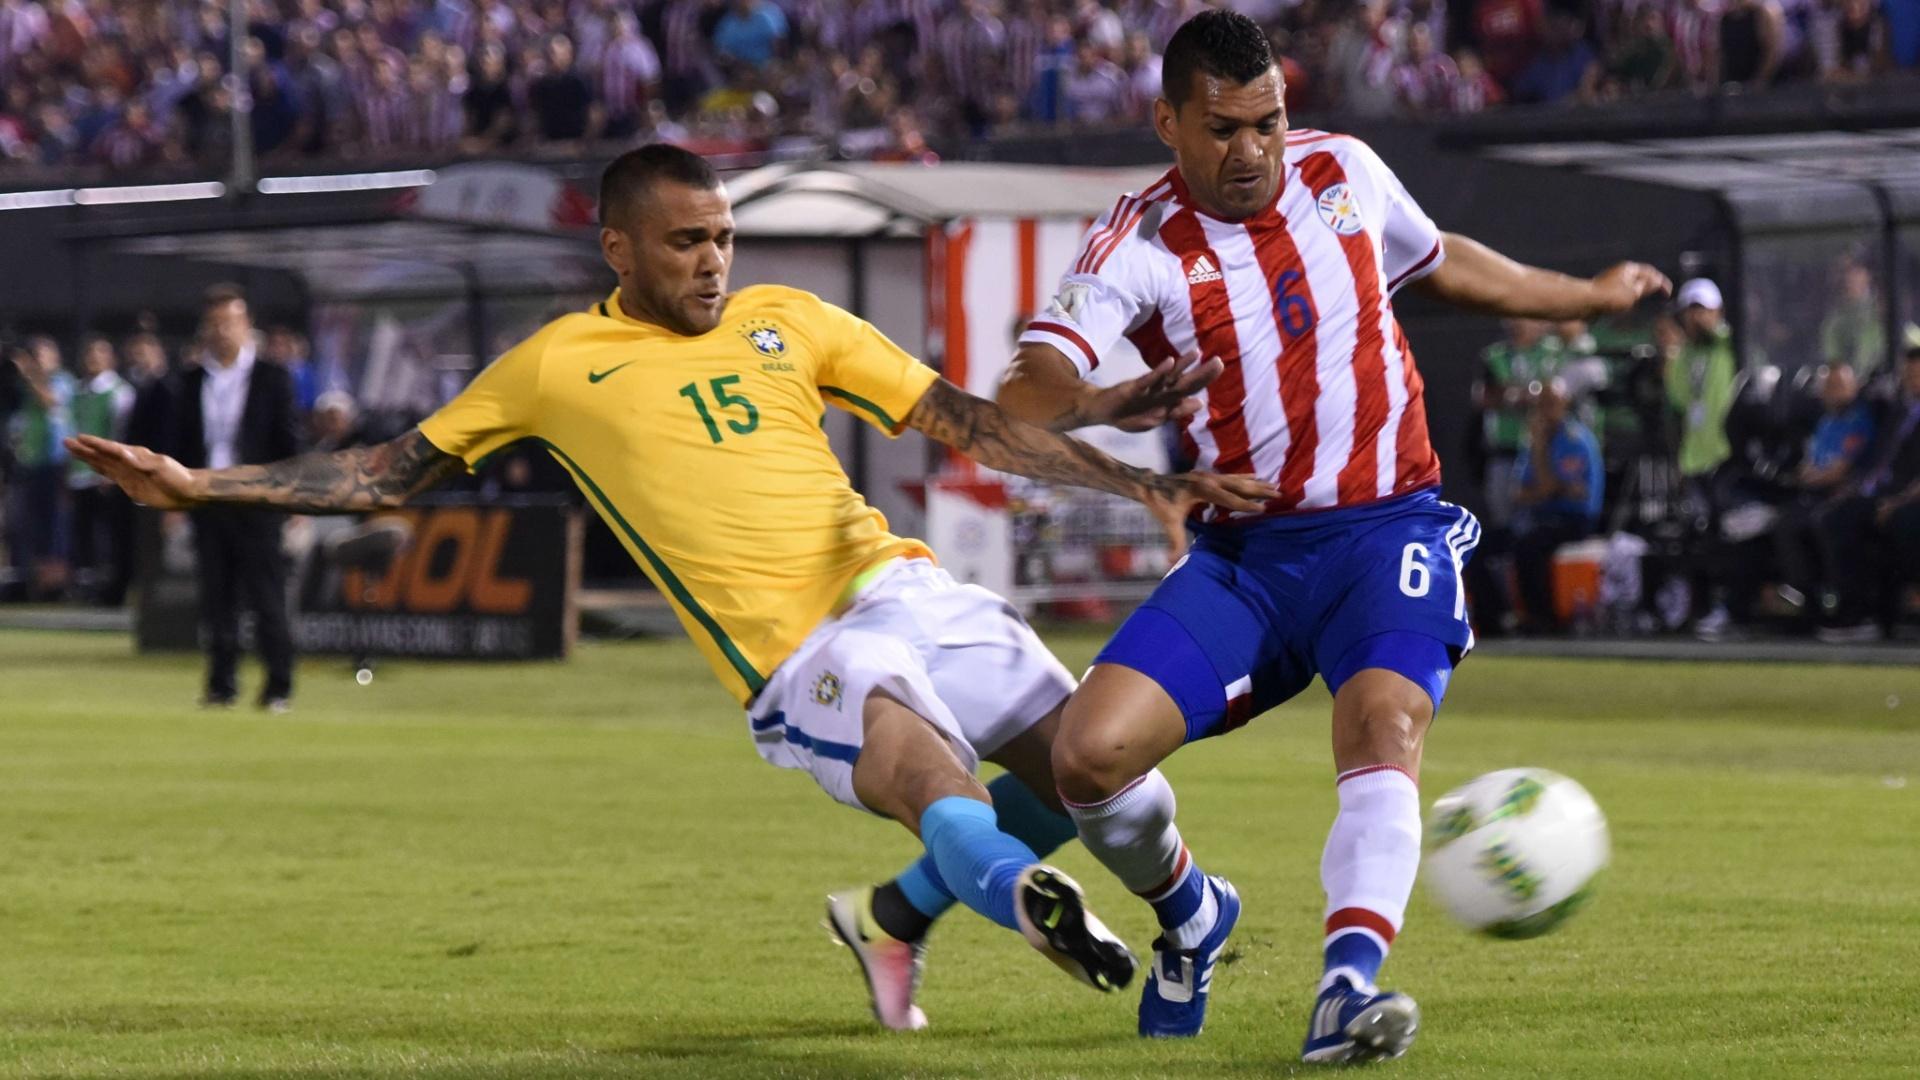 Daniel Alves faz marcação em cima de Samudio no jogo do Brasil contra o Paraguai, nas Eliminatórias